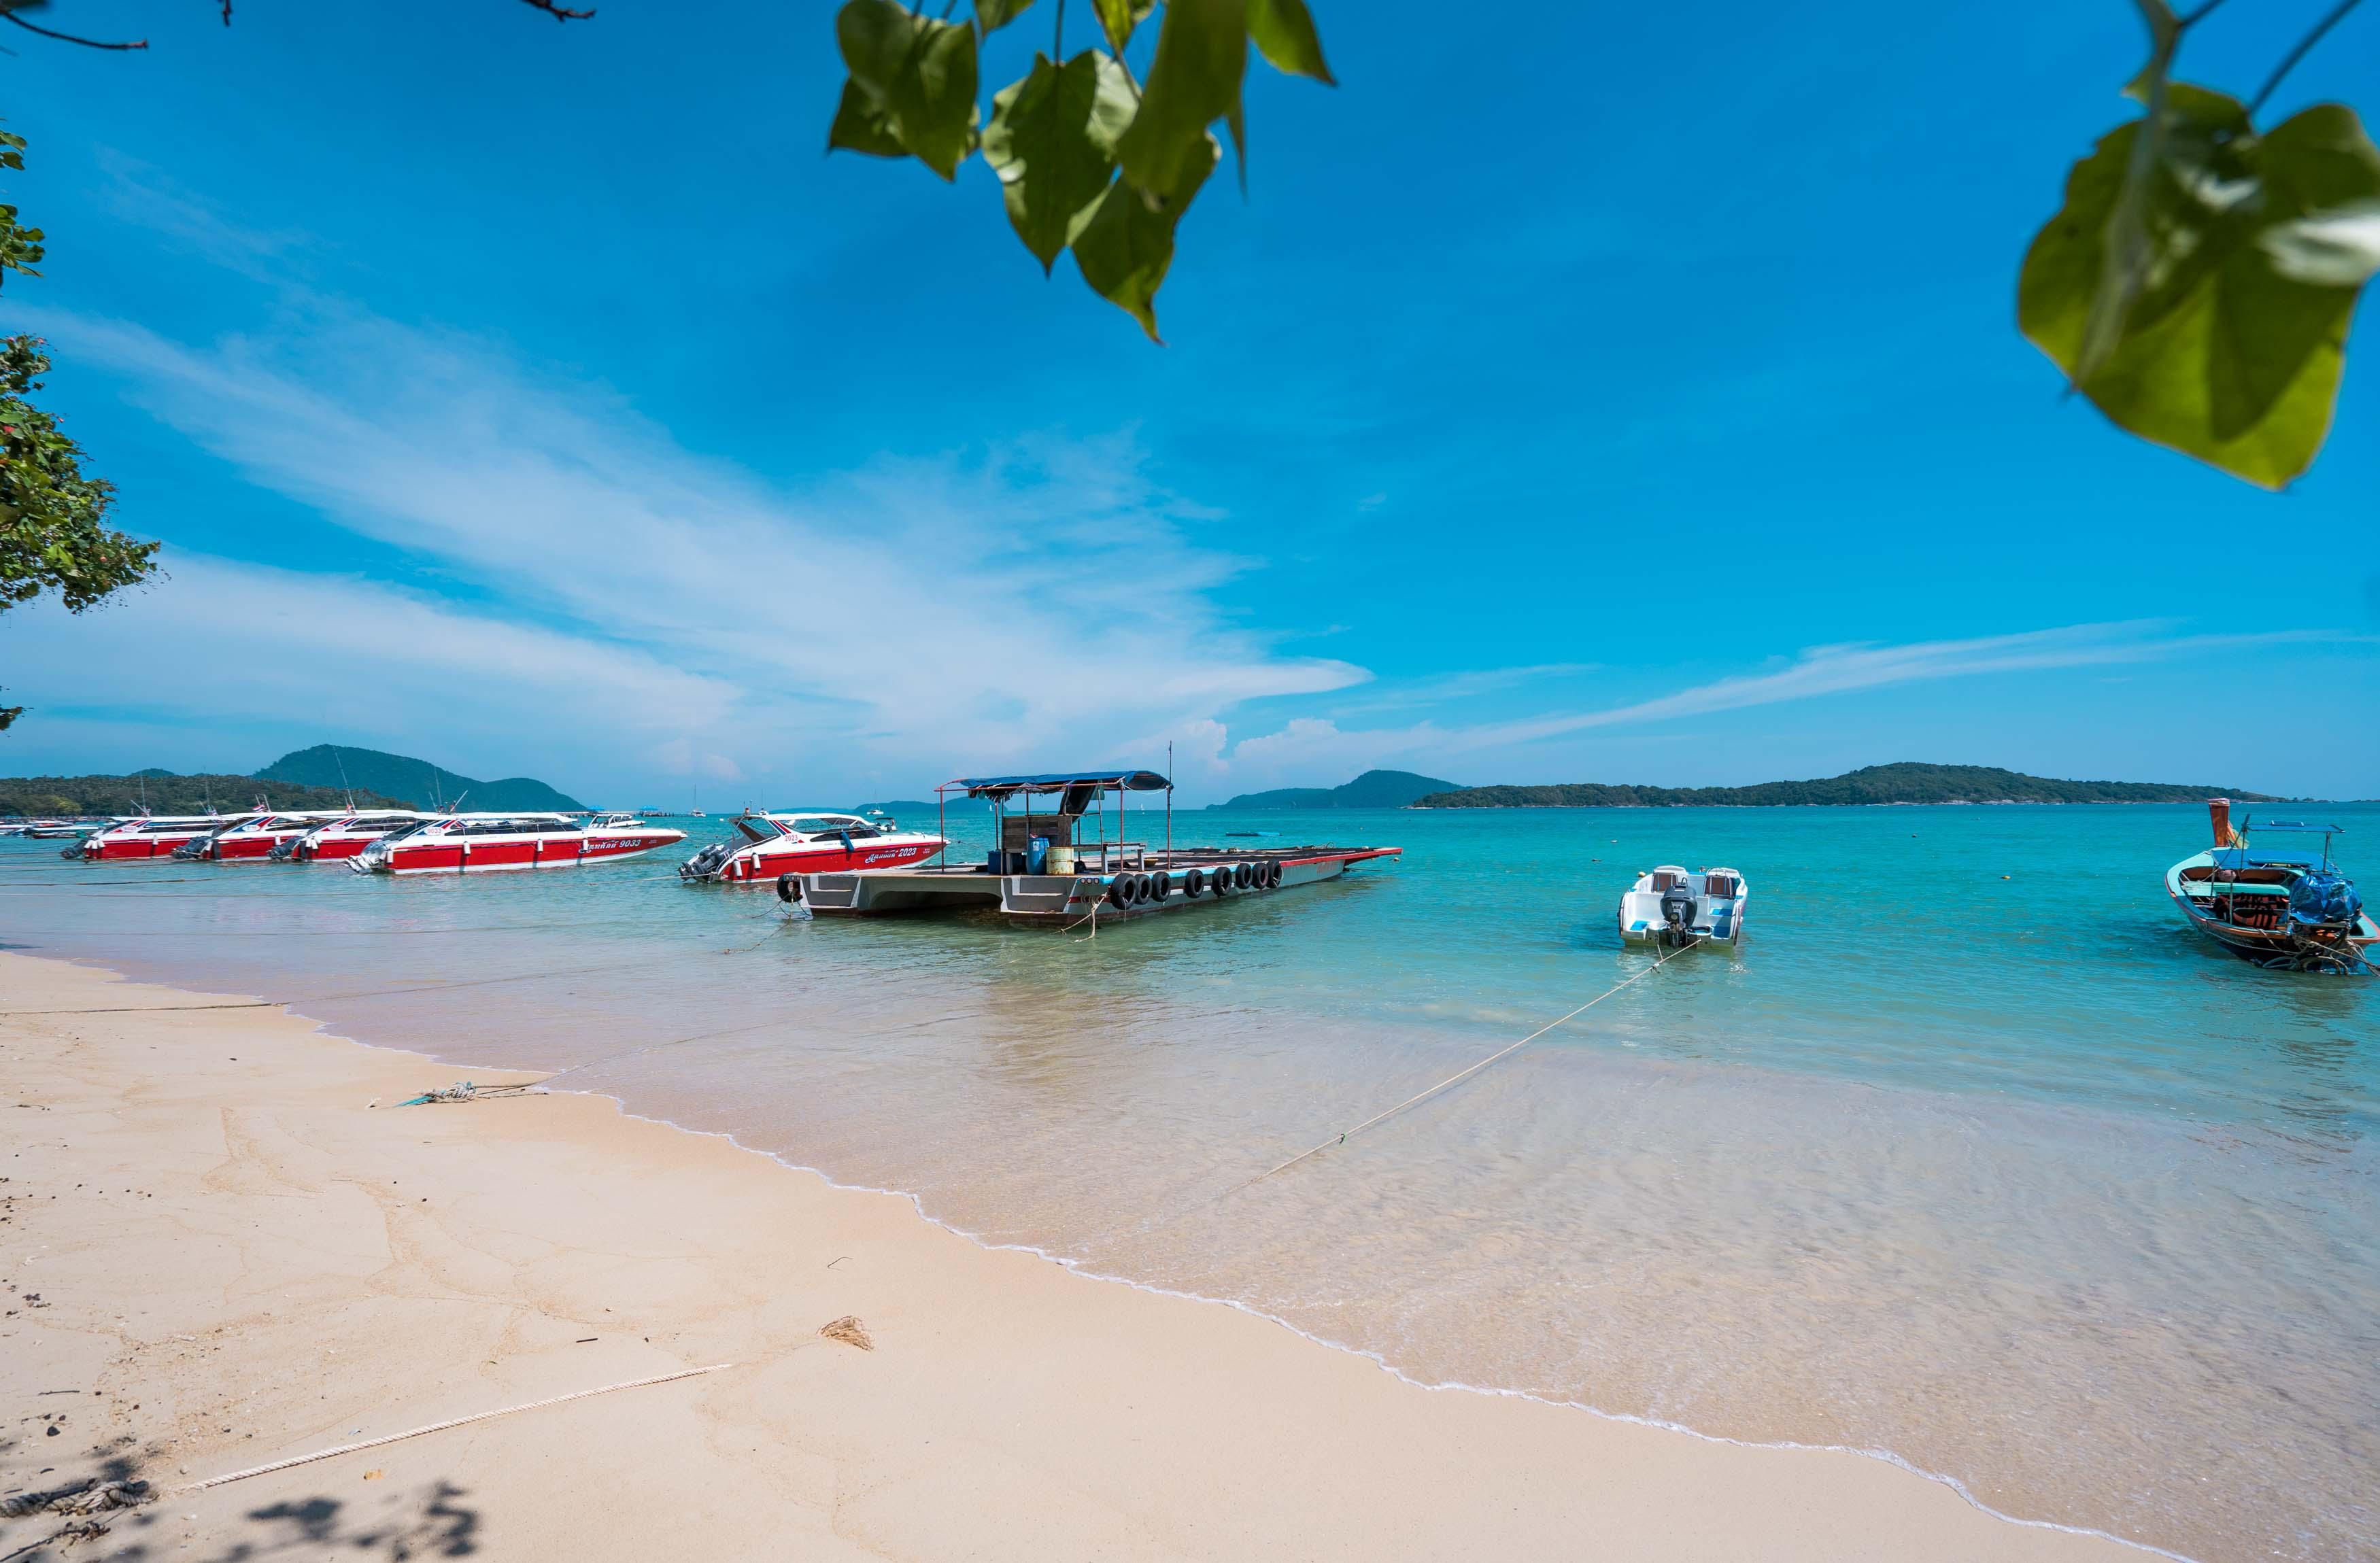 Таиланд откажется от массового туризма до восстановления отрасли